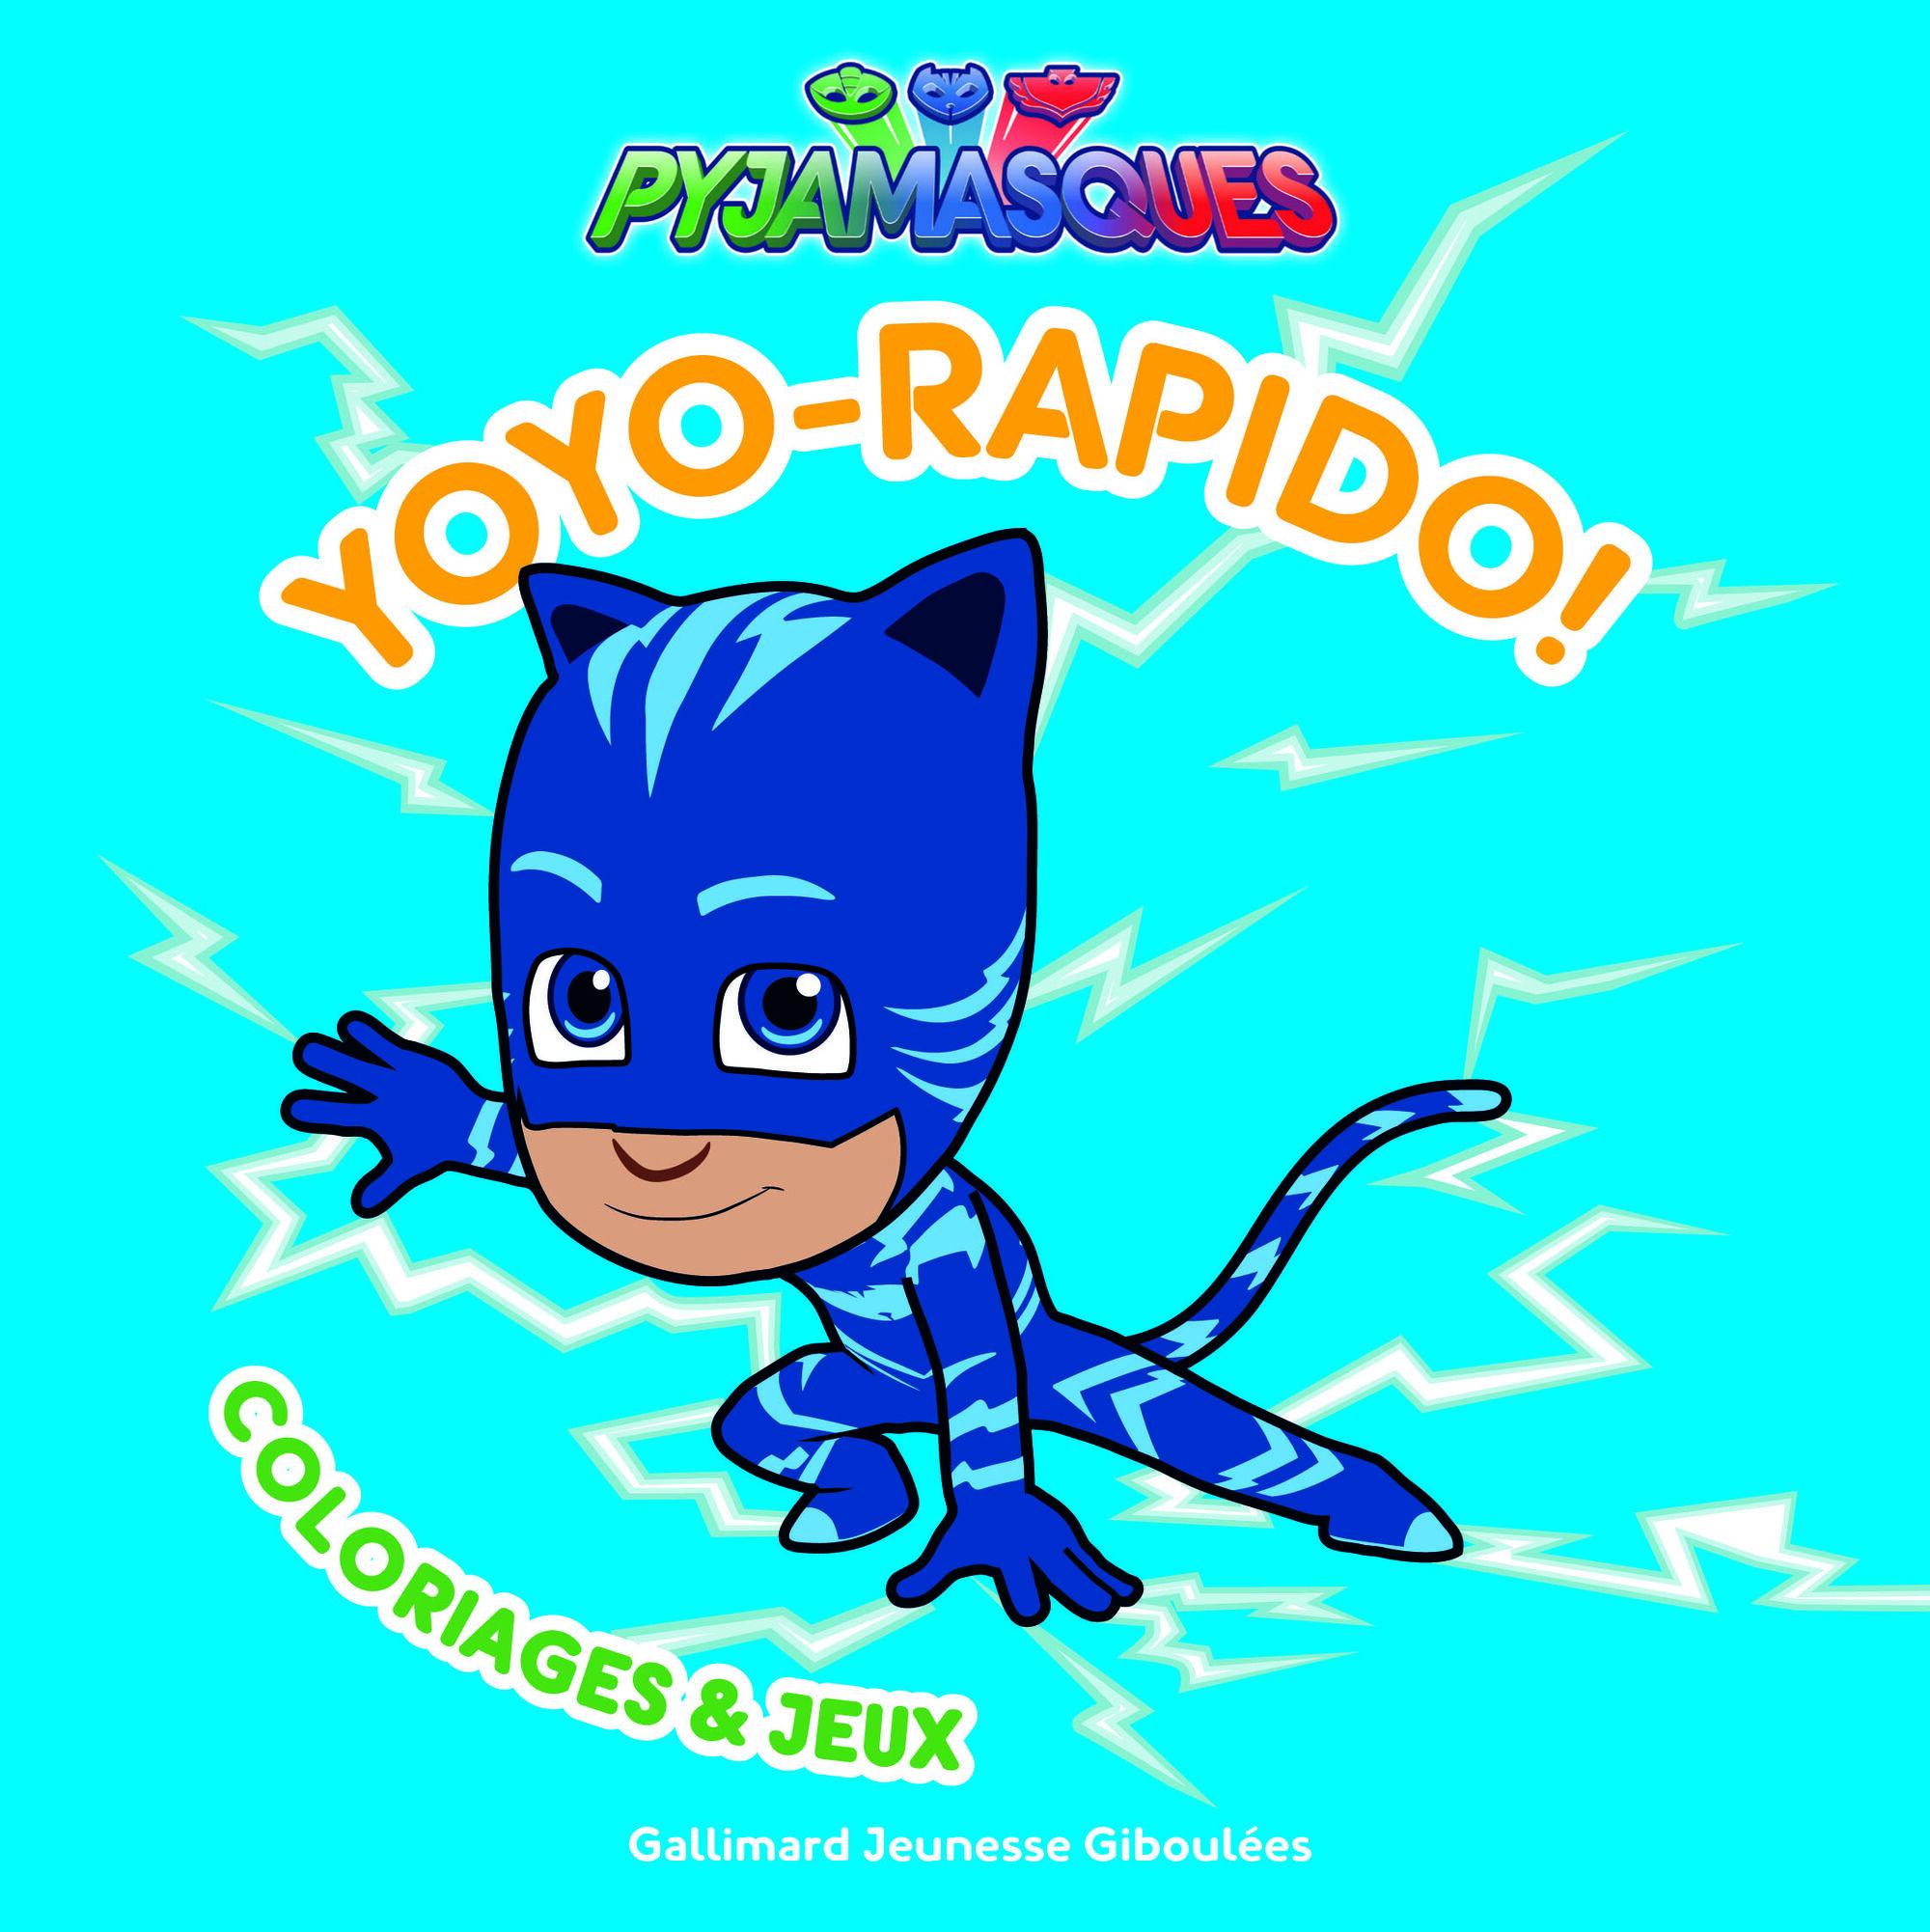 Yoyo Rapido Coloriages Jeux Pj Masks Wiki Fandom Powered By Wikia